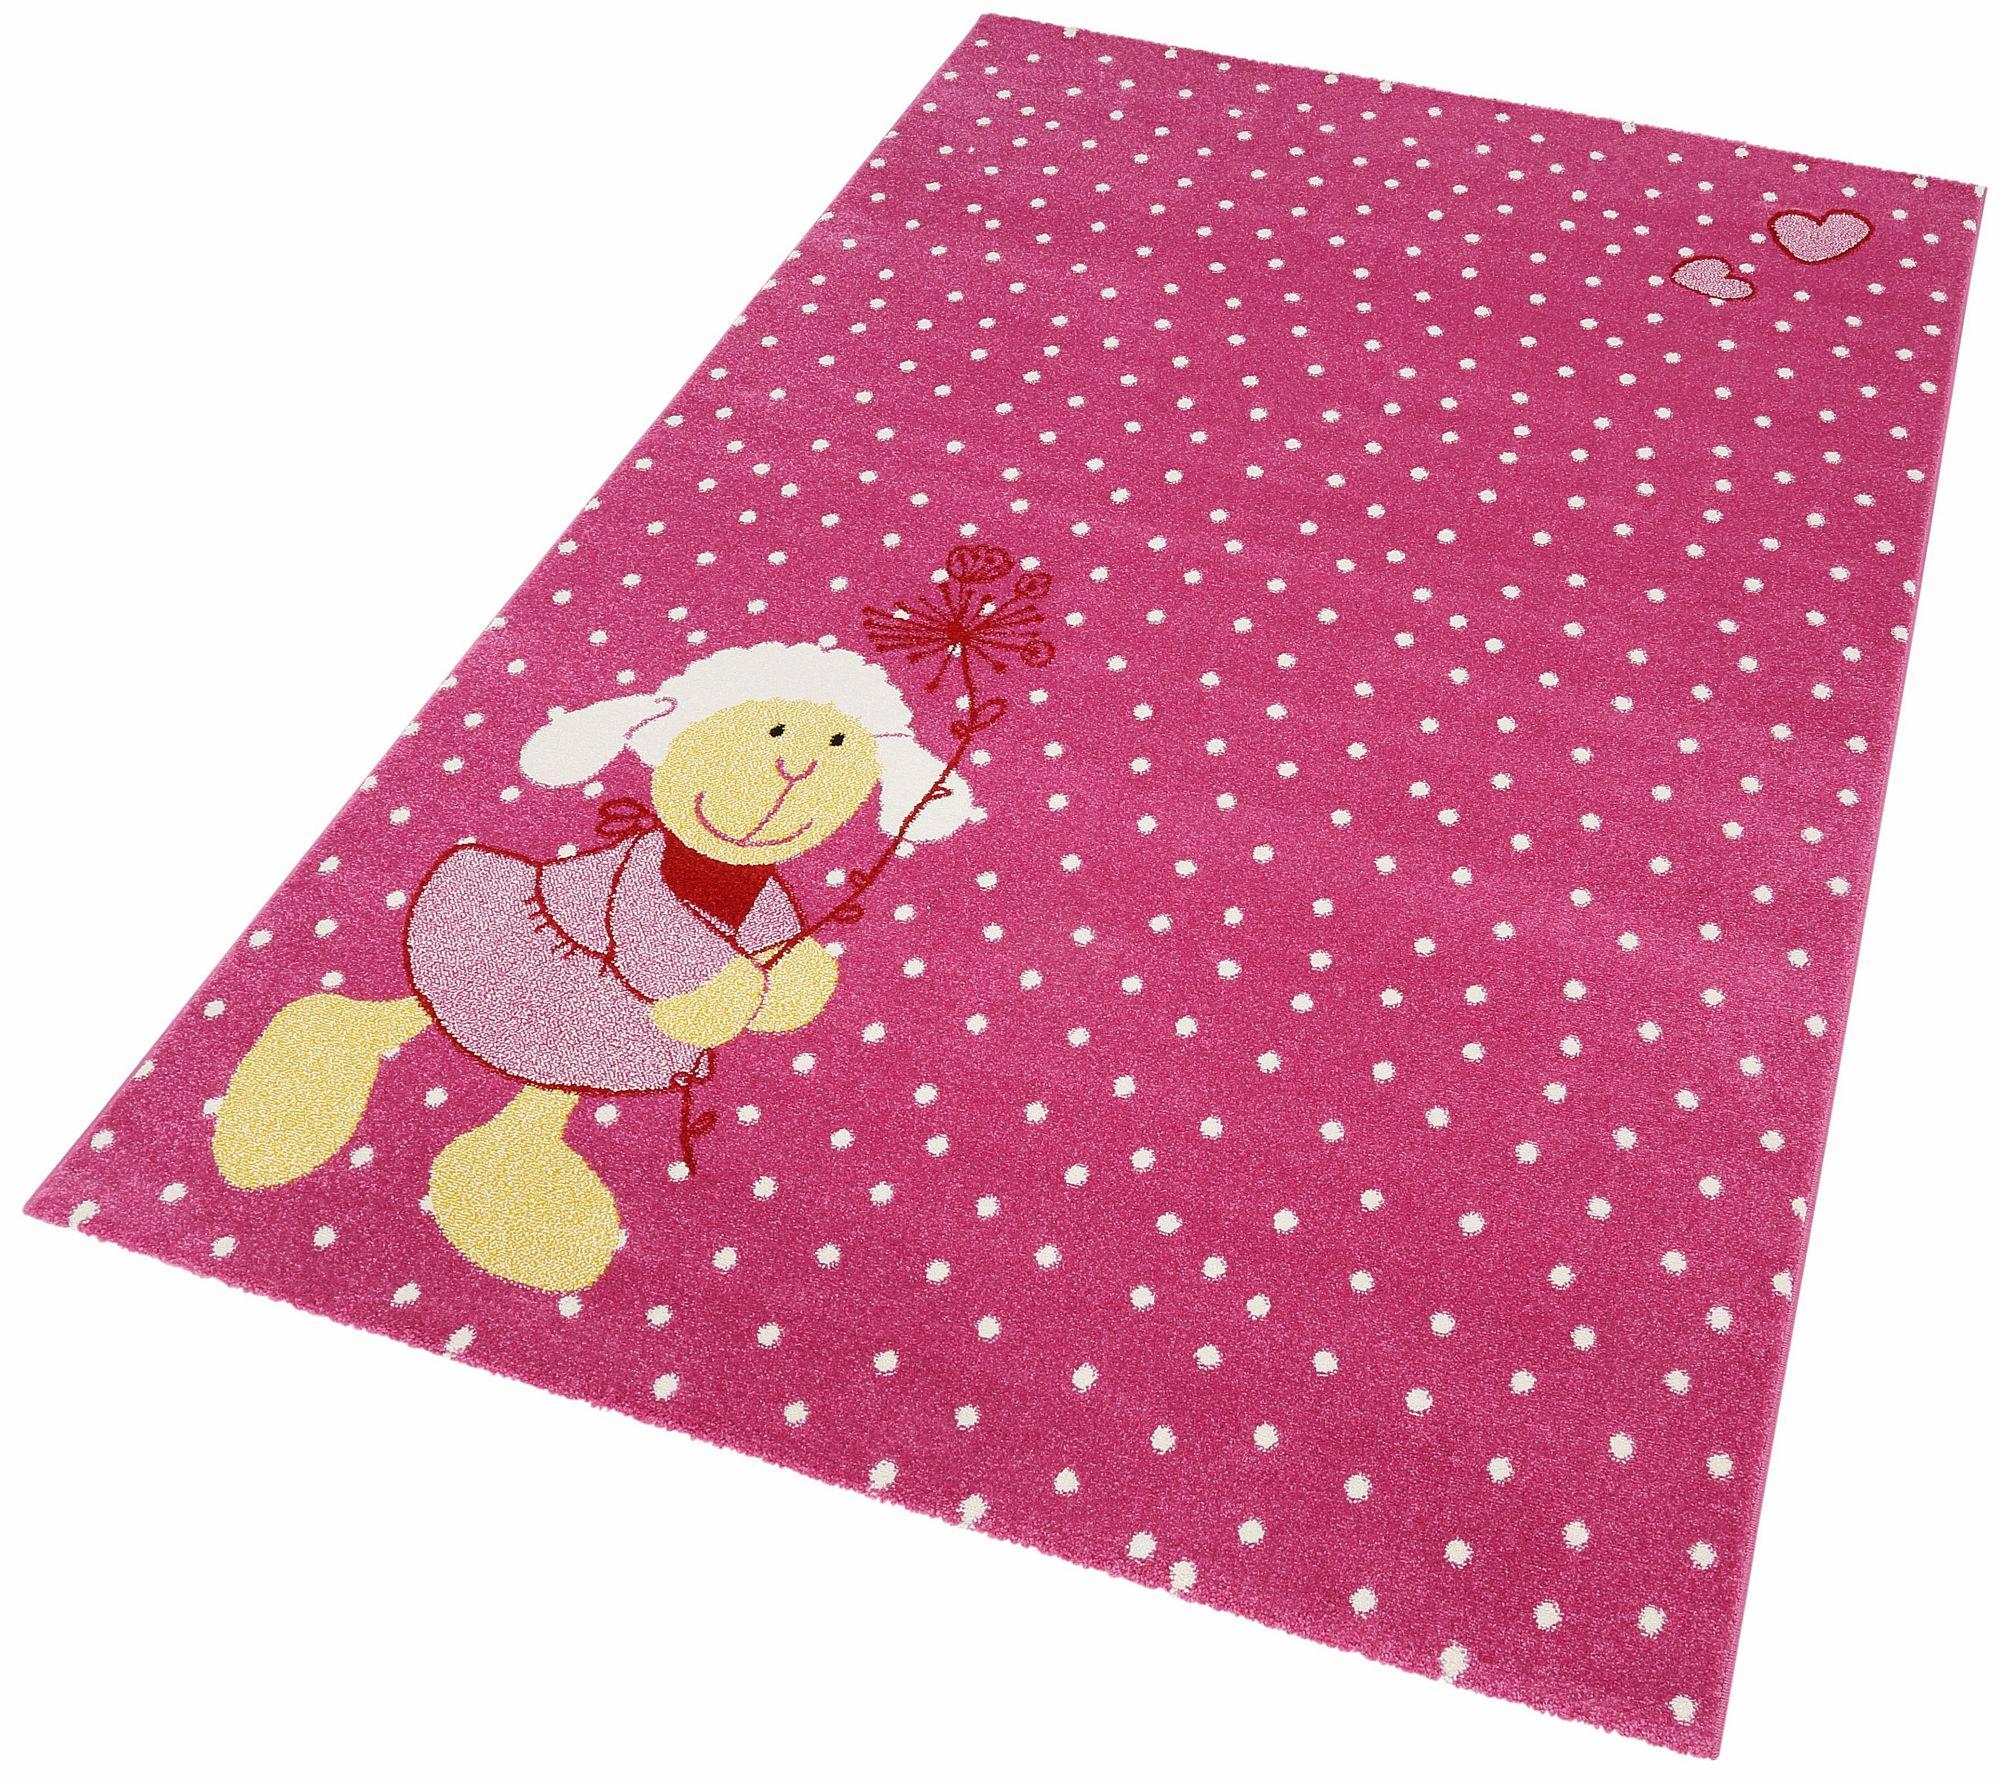 Kinder-Teppich, Sigikid, »Schnuggi«, gewebt